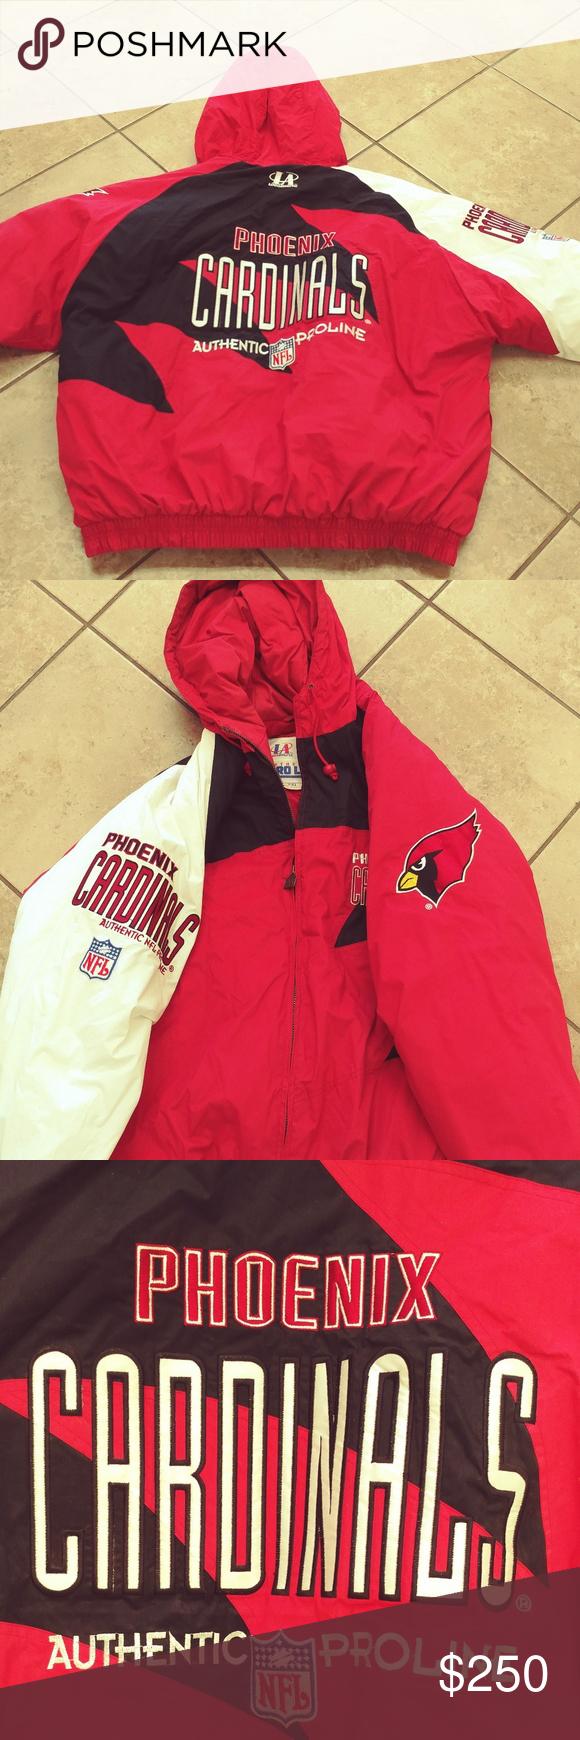 Men S Nfl Puffer Jacket Phx Cardinals Sz 3xl Clothes Design Jackets Puffer Jackets [ 1740 x 580 Pixel ]